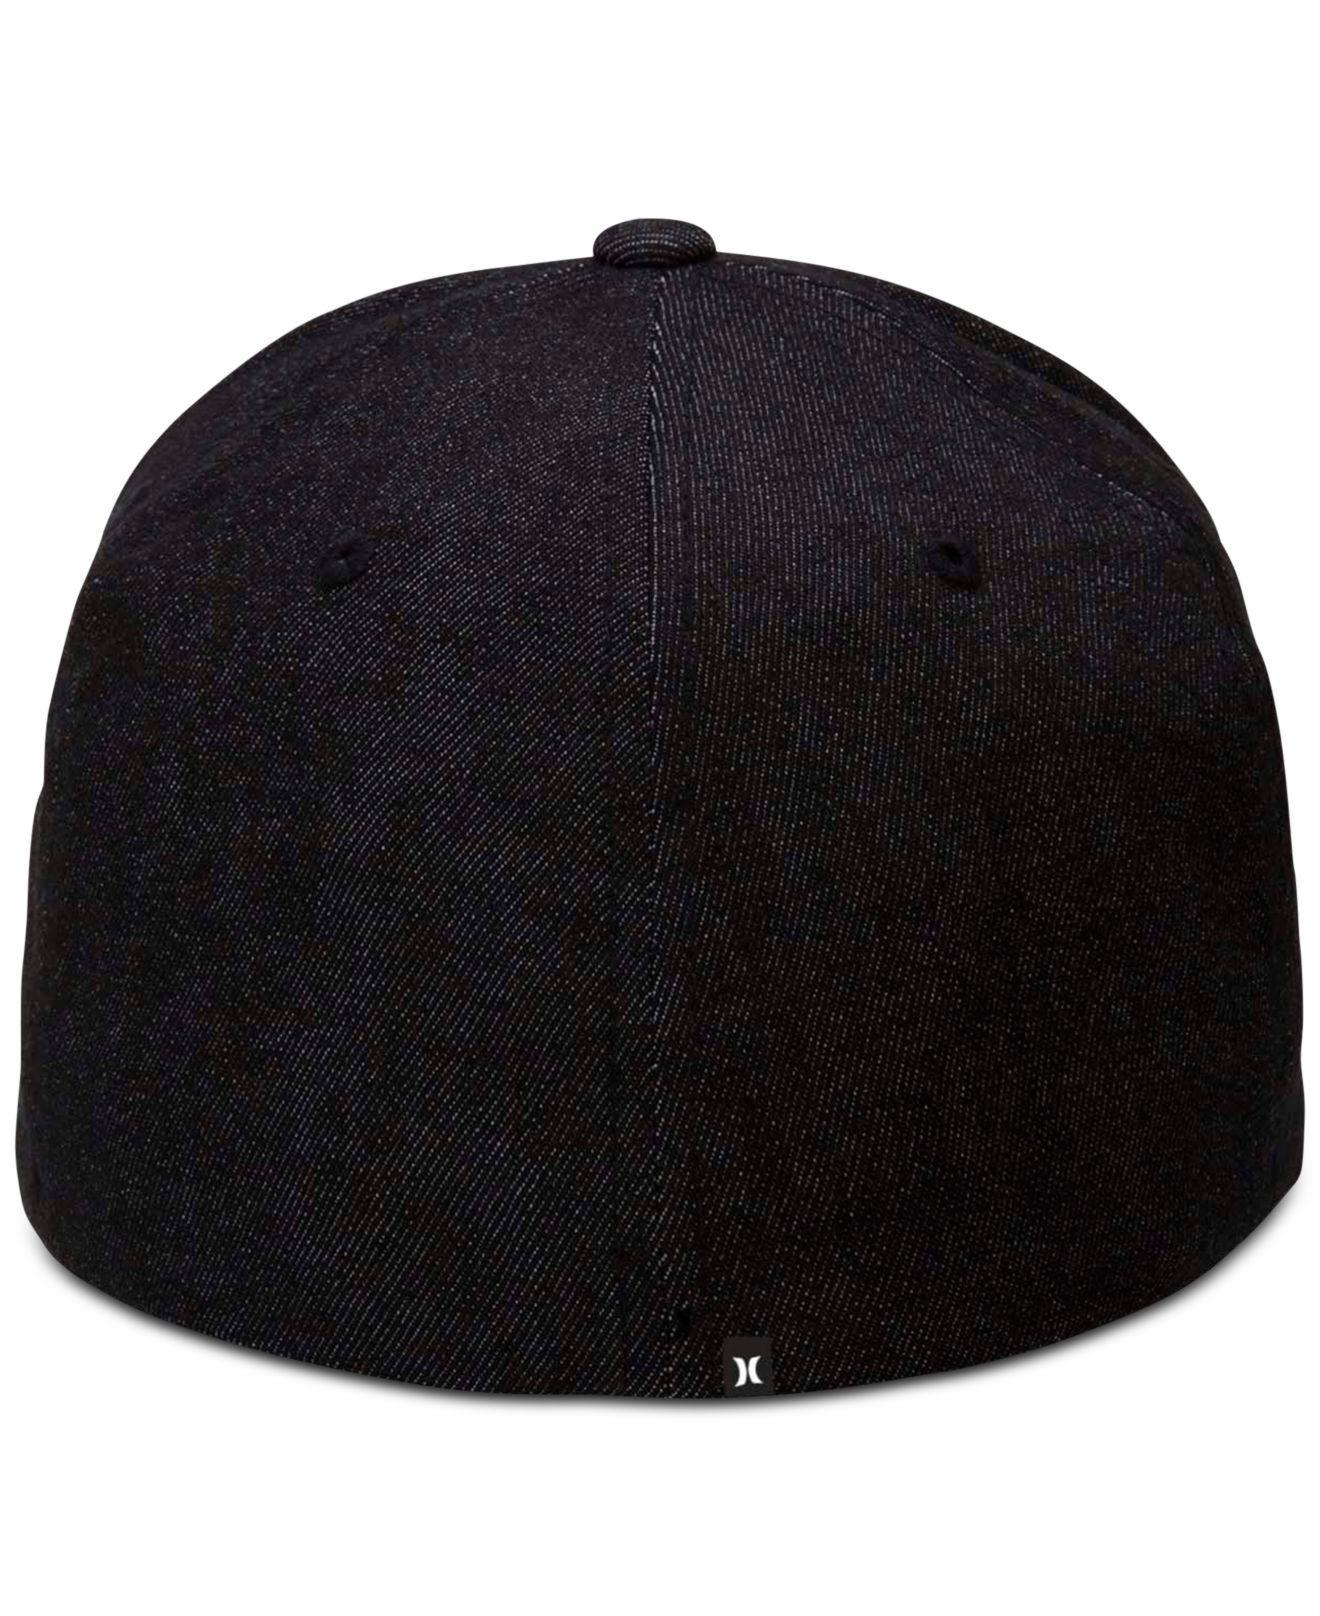 a7da3828d5d Lyst - Hurley International Corp Cap in Black for Men